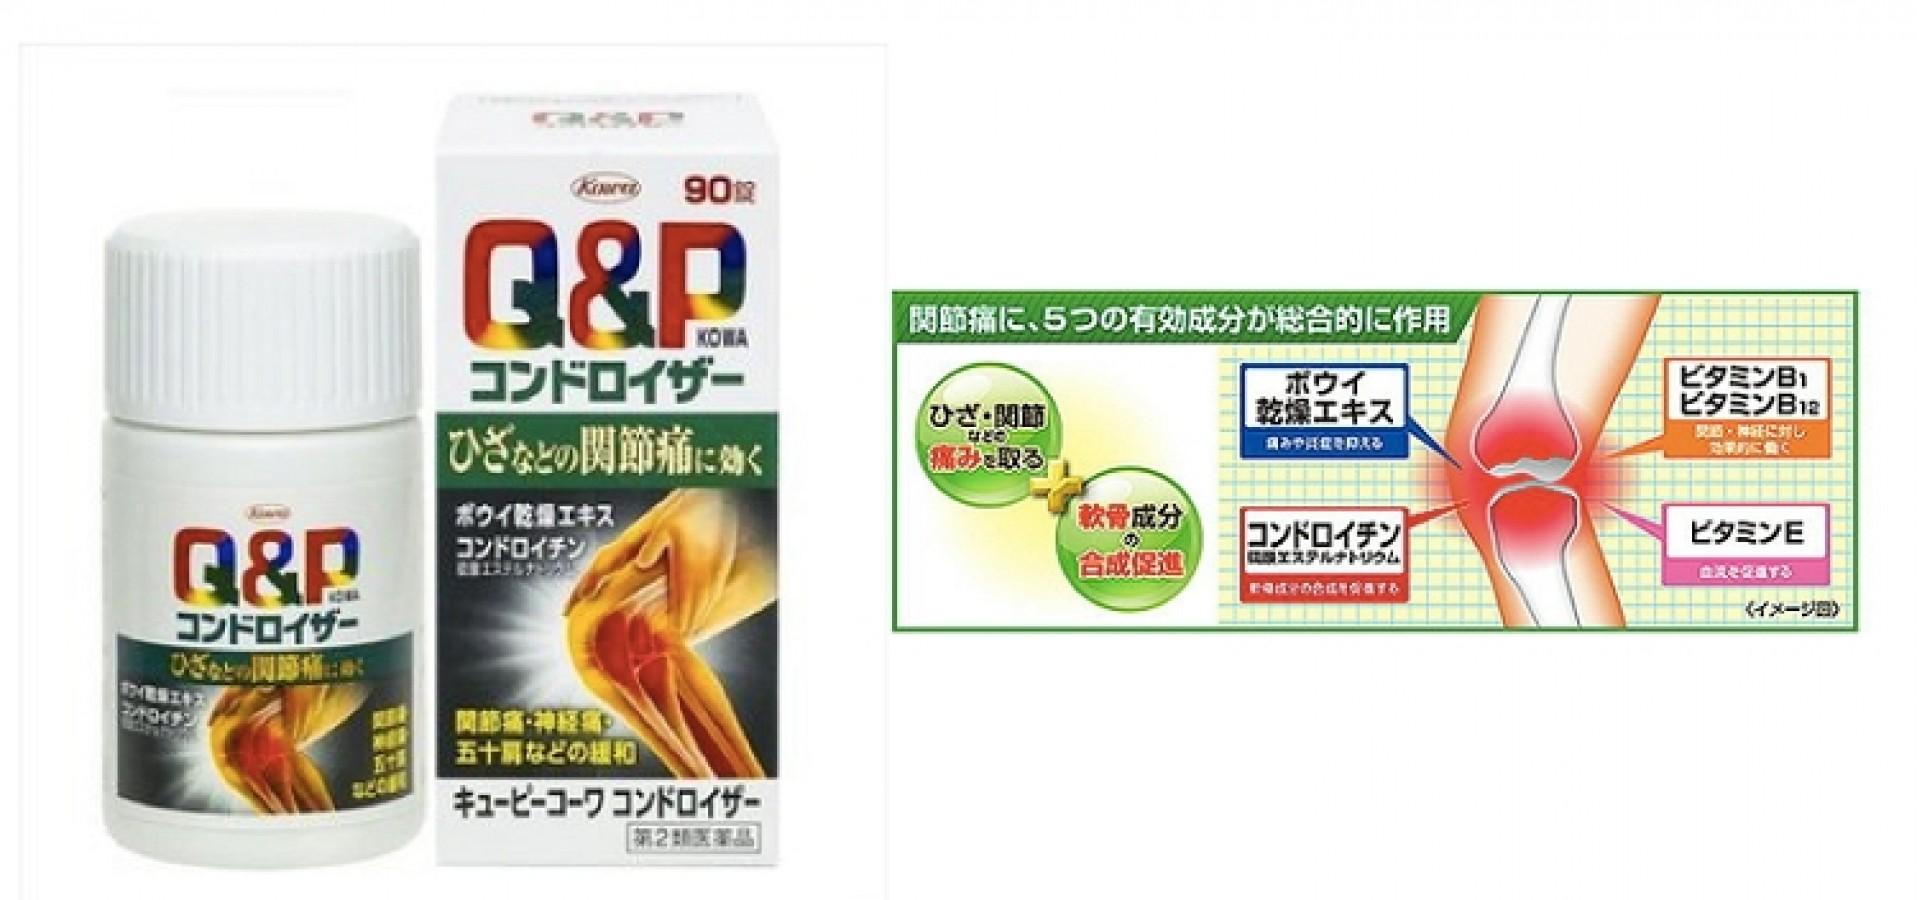 Viên Uống Q&P Kowa Của Nhật